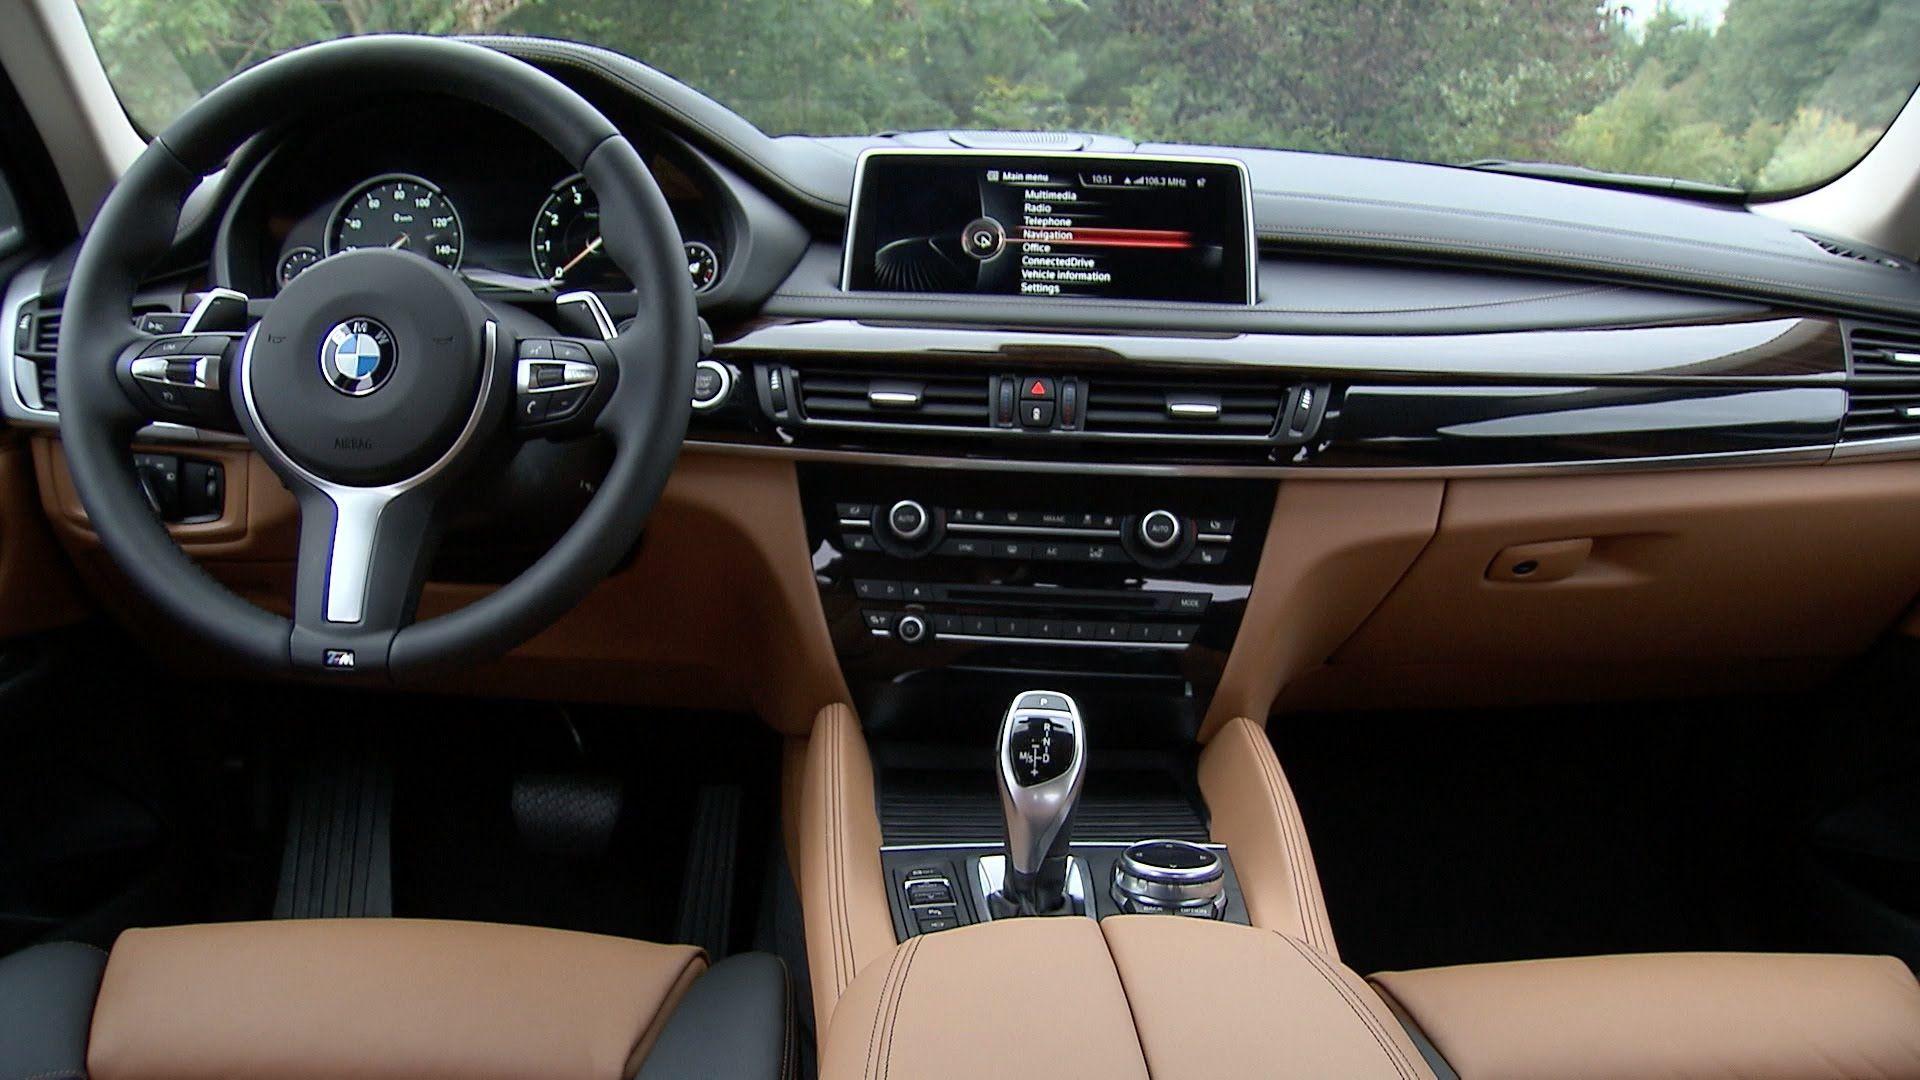 2015 Bmw X6 50i Interior With Images Bmw X6 Bmw Bmw X6 Interior